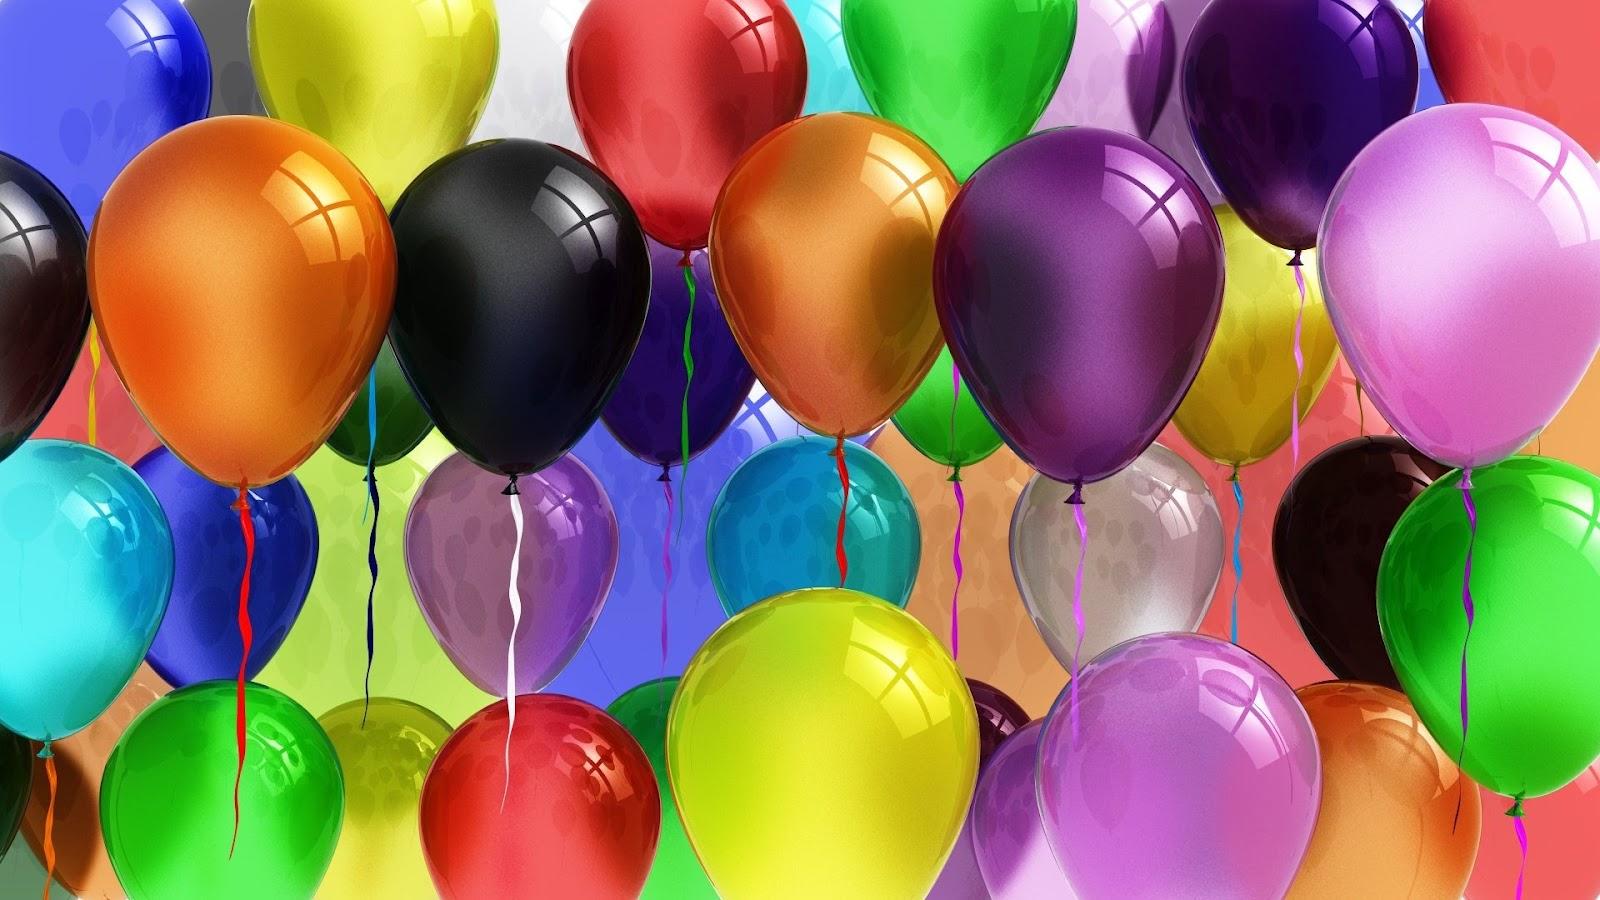 Fotos de decoraciones con globos.